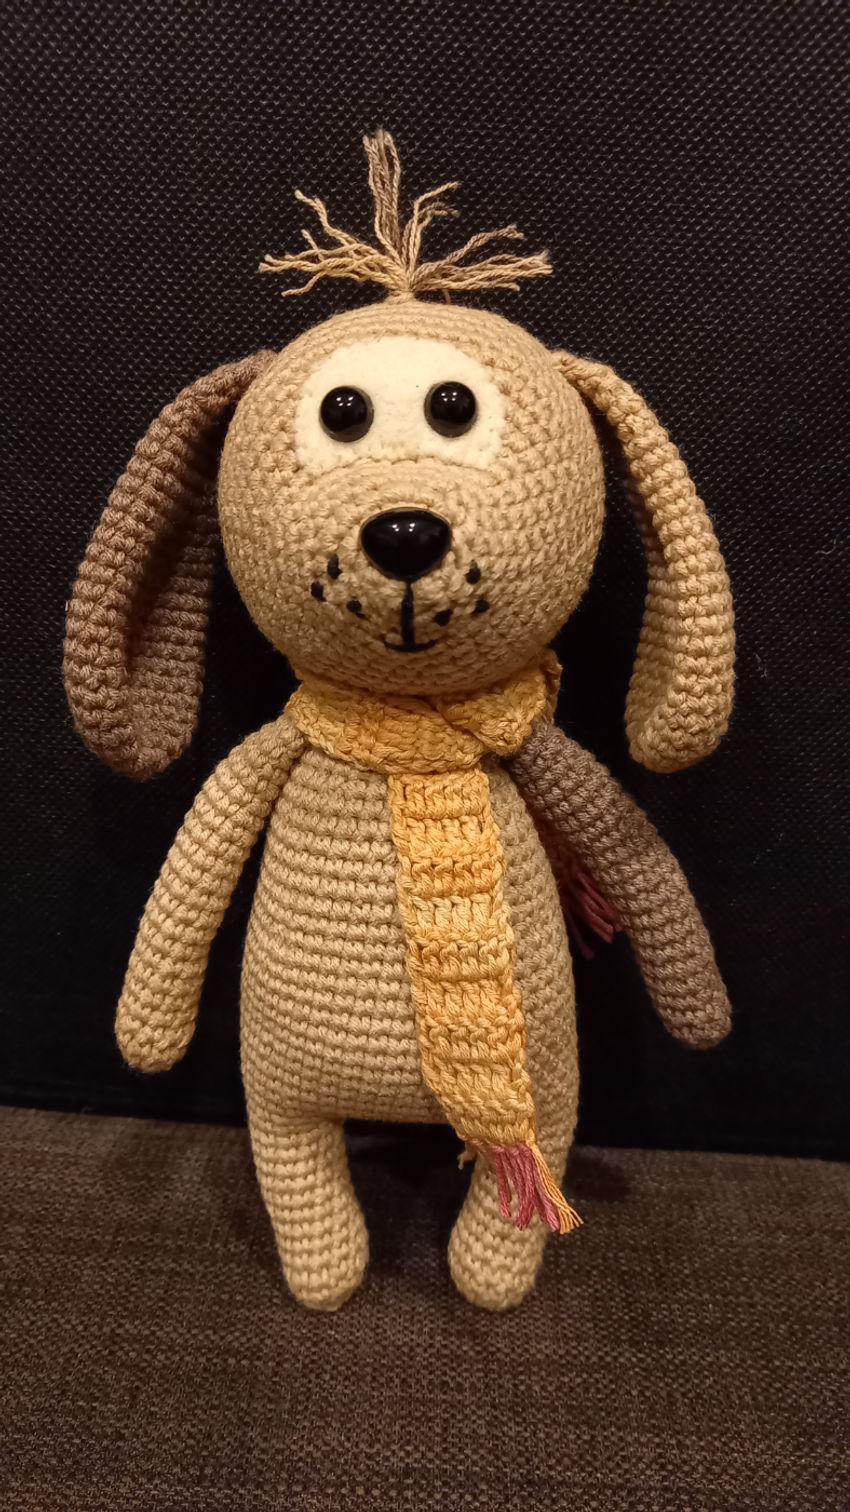 žaislai | minkšti | nedidelis nertas šuniukas su šalikėliu,